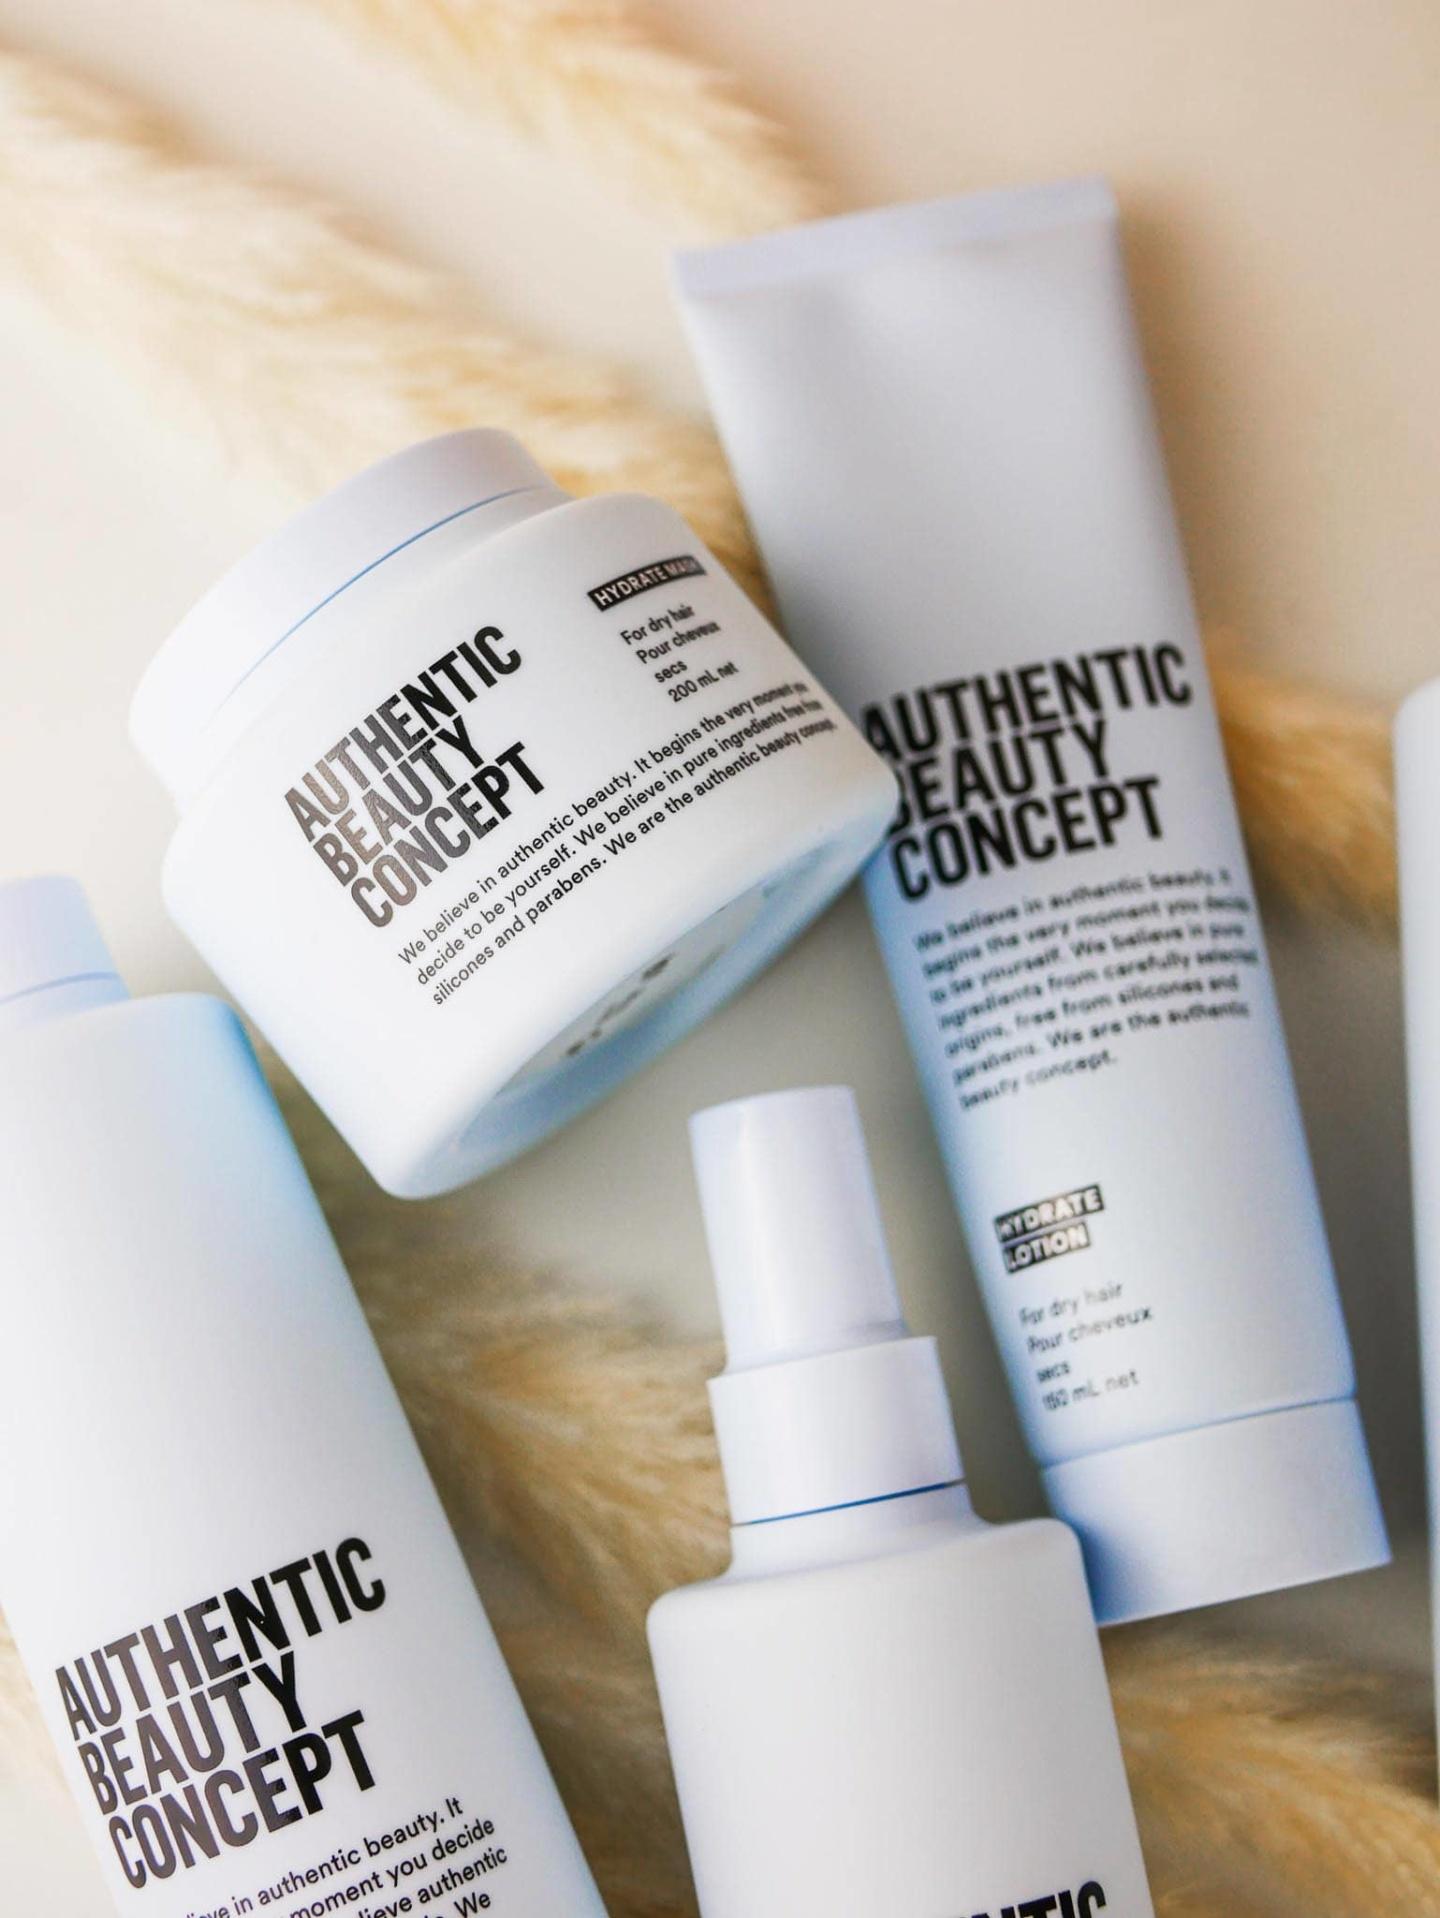 authentic beauty concept test